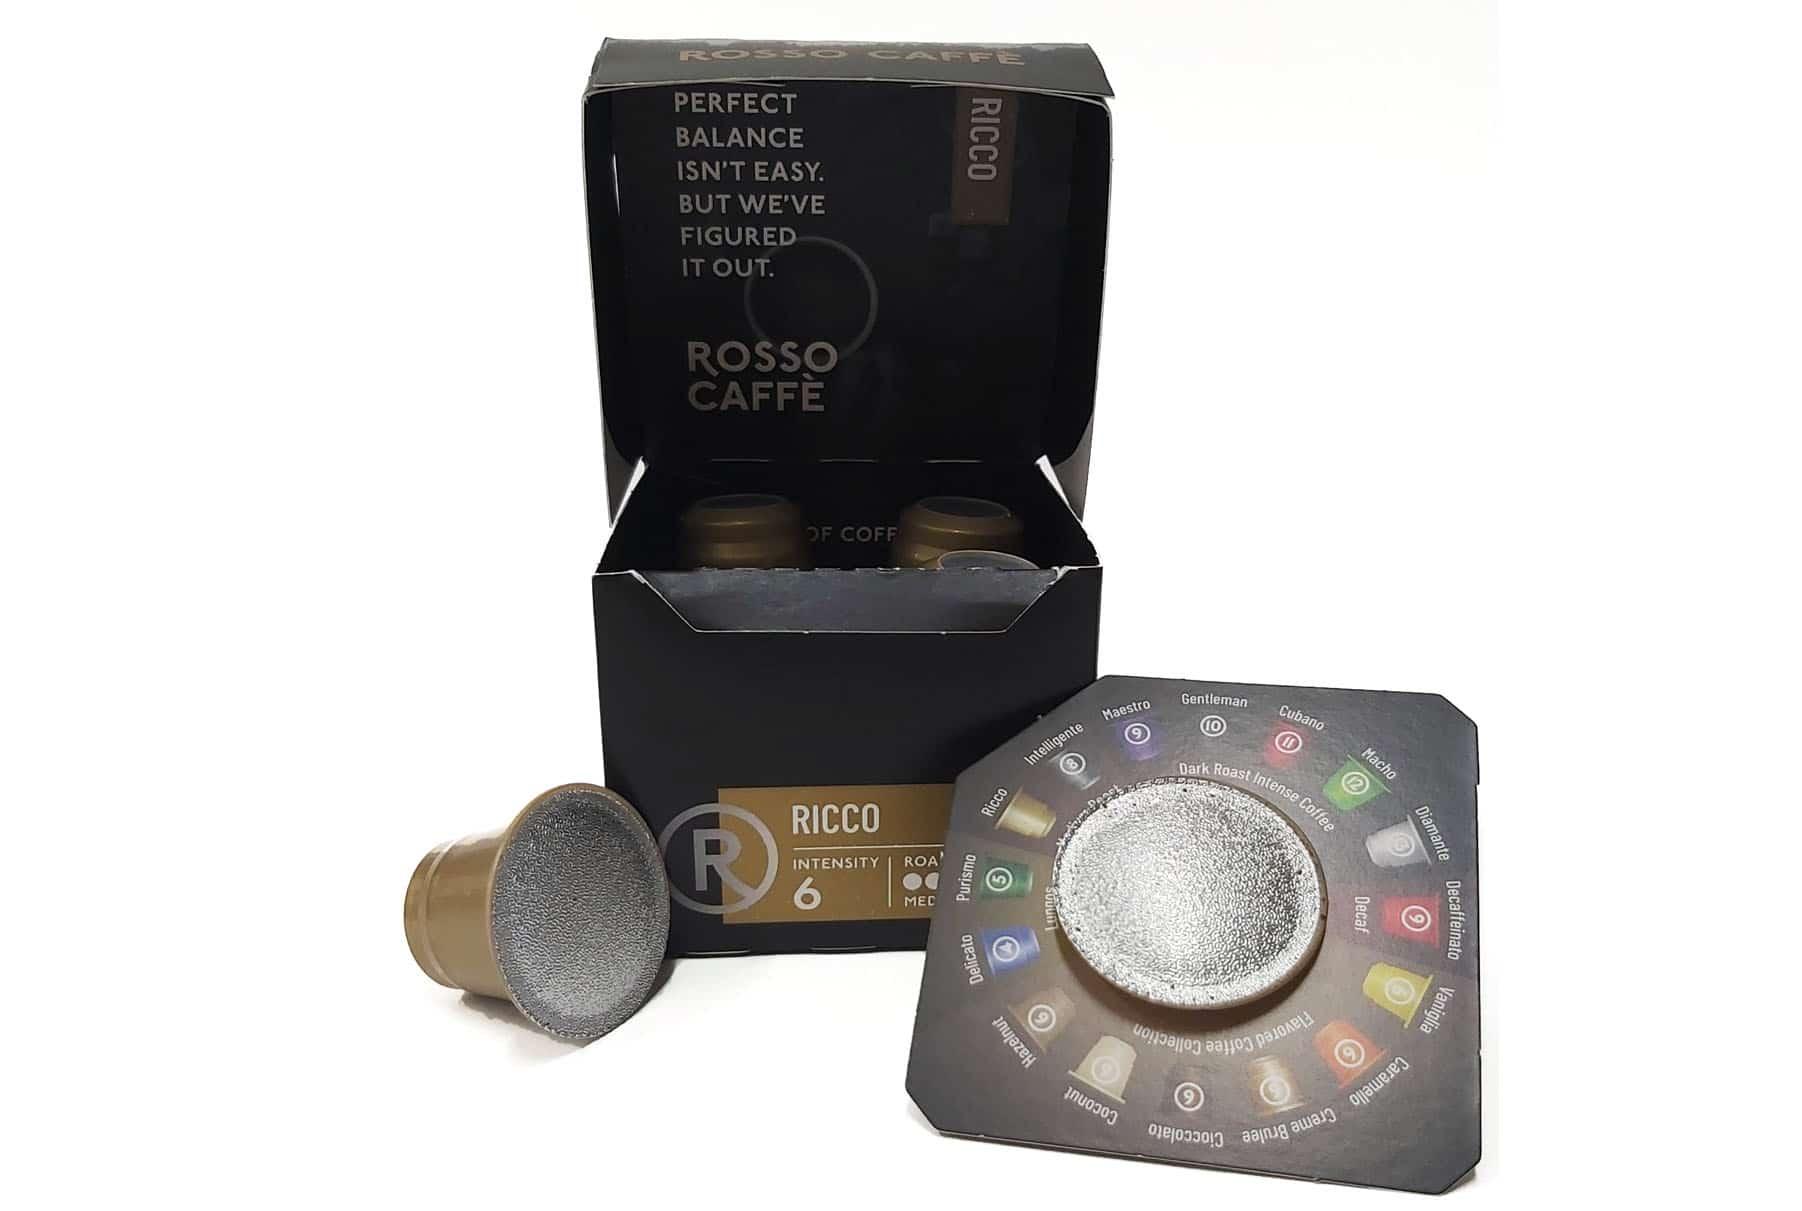 מארז קפה RICCO. אריזות מזון בעיצוב אישי וייחודי שמכילות 6 קפסולות קפה. הכתב על המארז מציין את מספר הקפסולות. האריזה מגנה על טריות הקפה. שיטת ההדפסה: שילוב של דפוס אופסט ודפוס דיגיטלי.